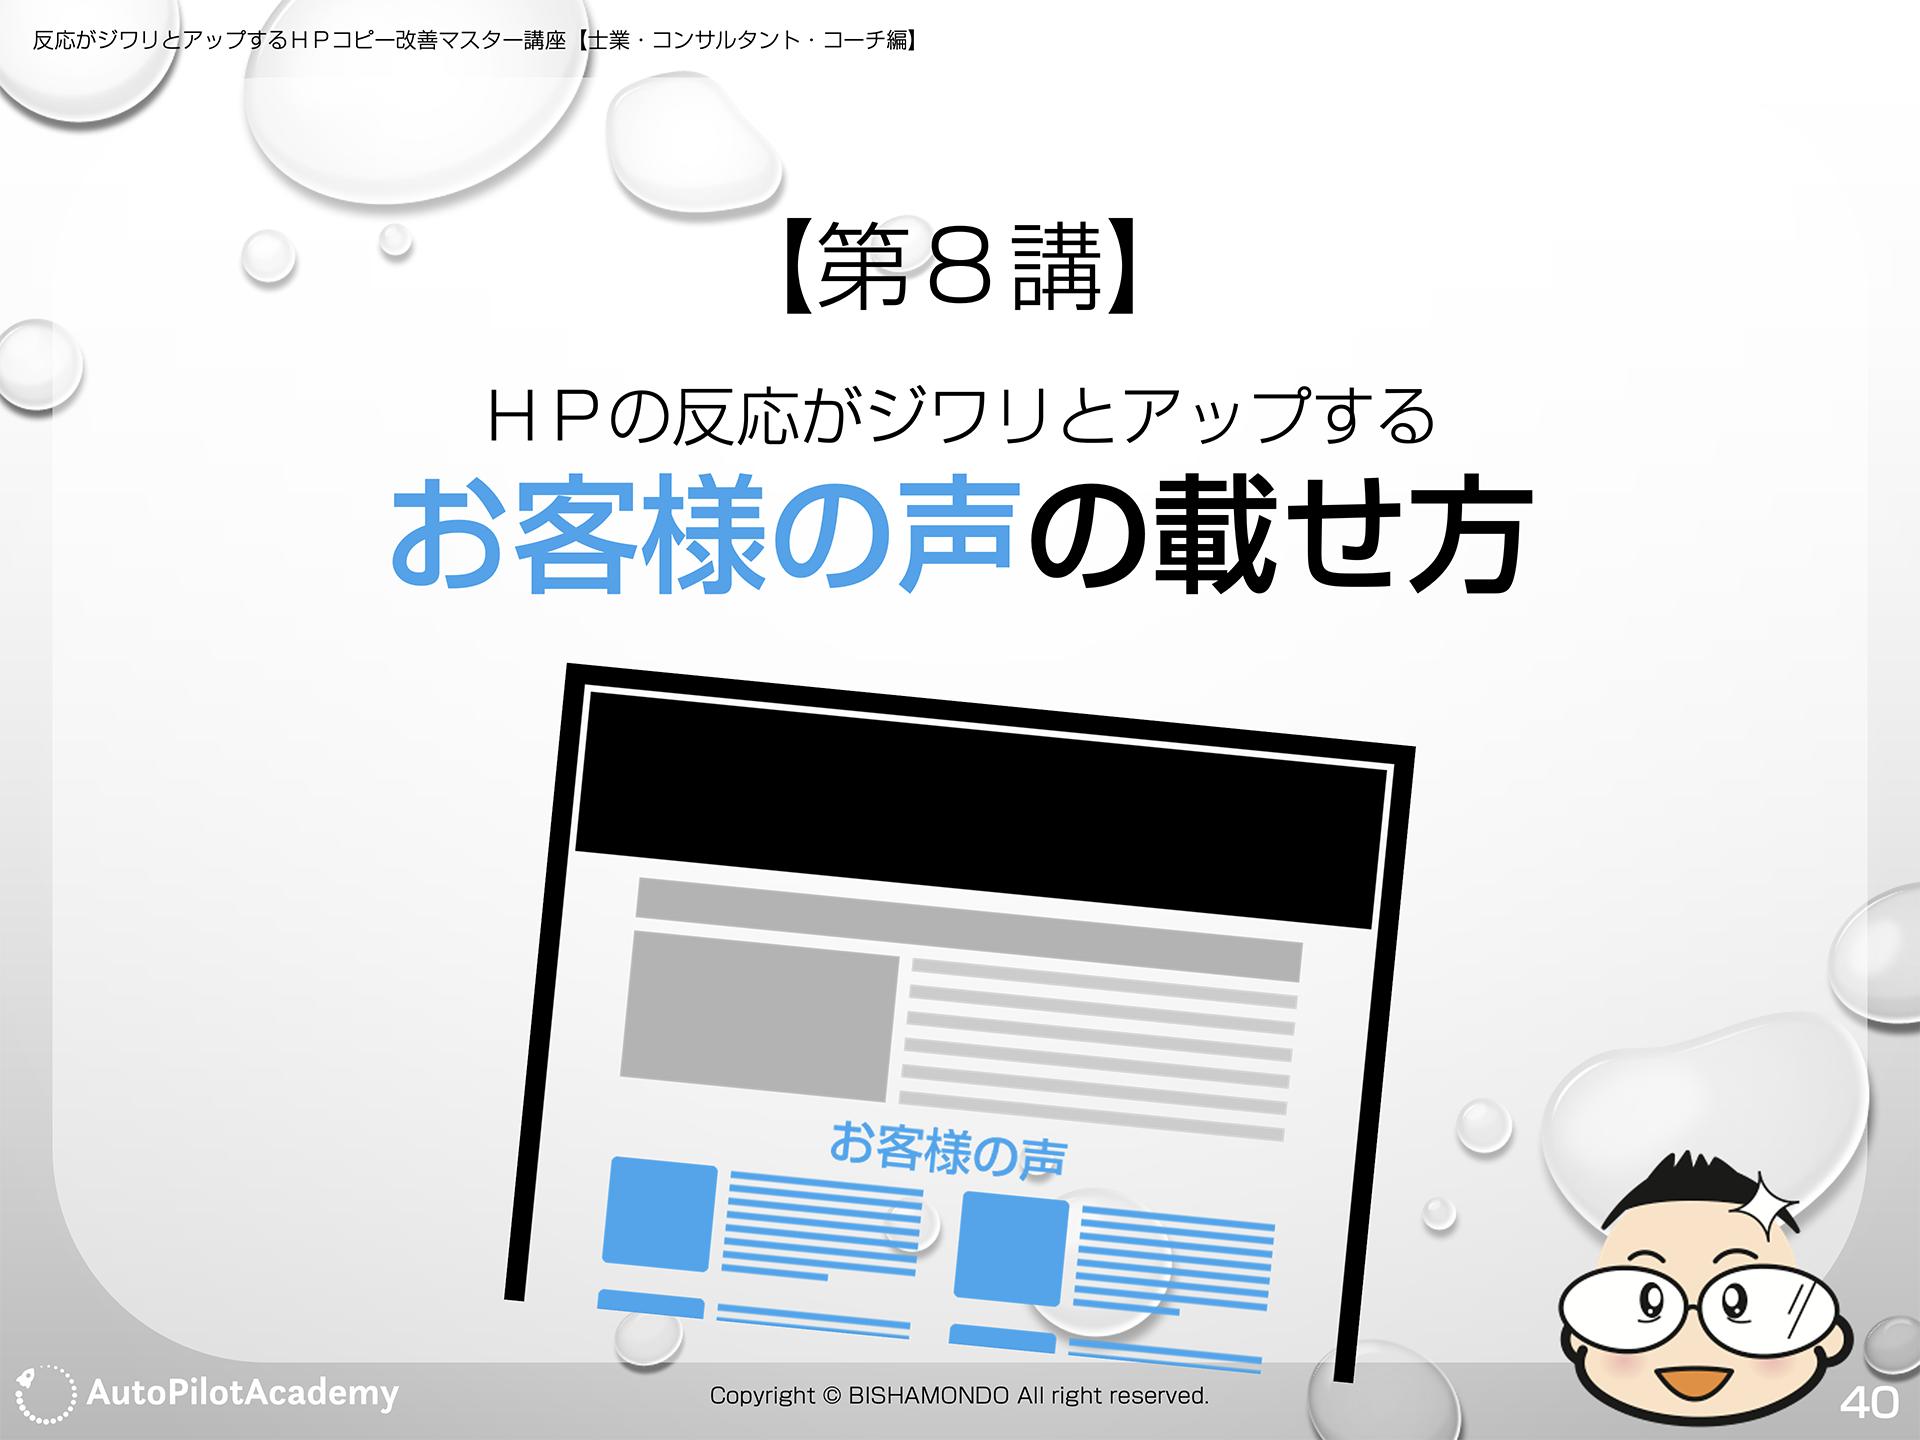 第8講】HPの反応がジワリとアップするお客様の声の載せ方